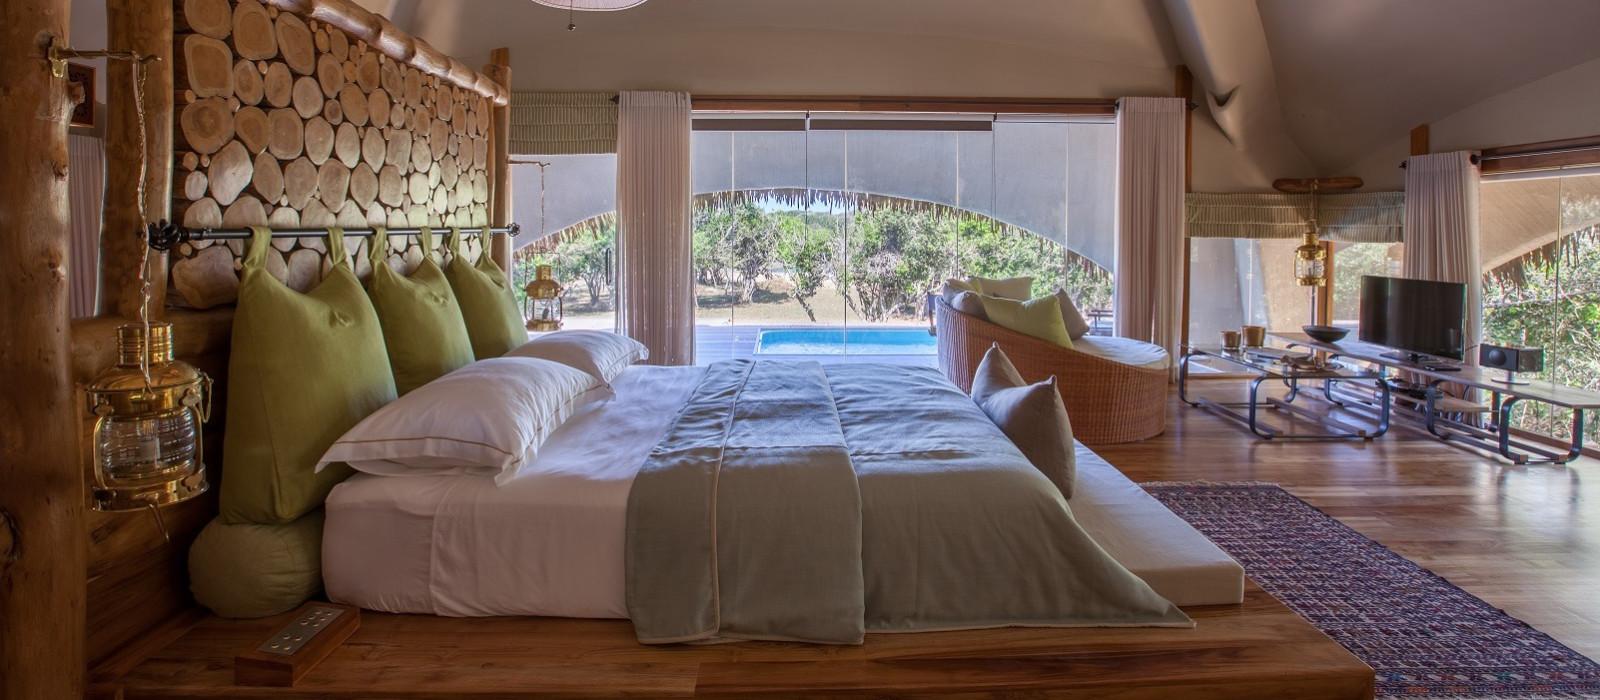 Hotel Chena Huts by Uga Escapes Sri Lanka